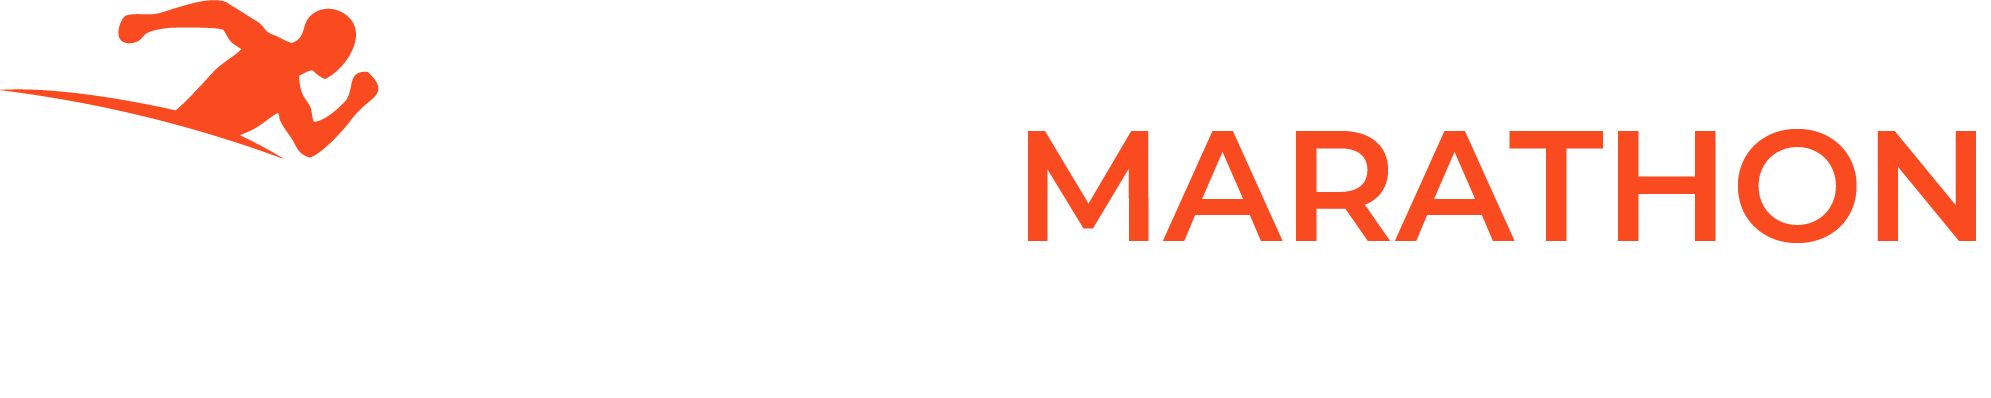 Zeldamarathon